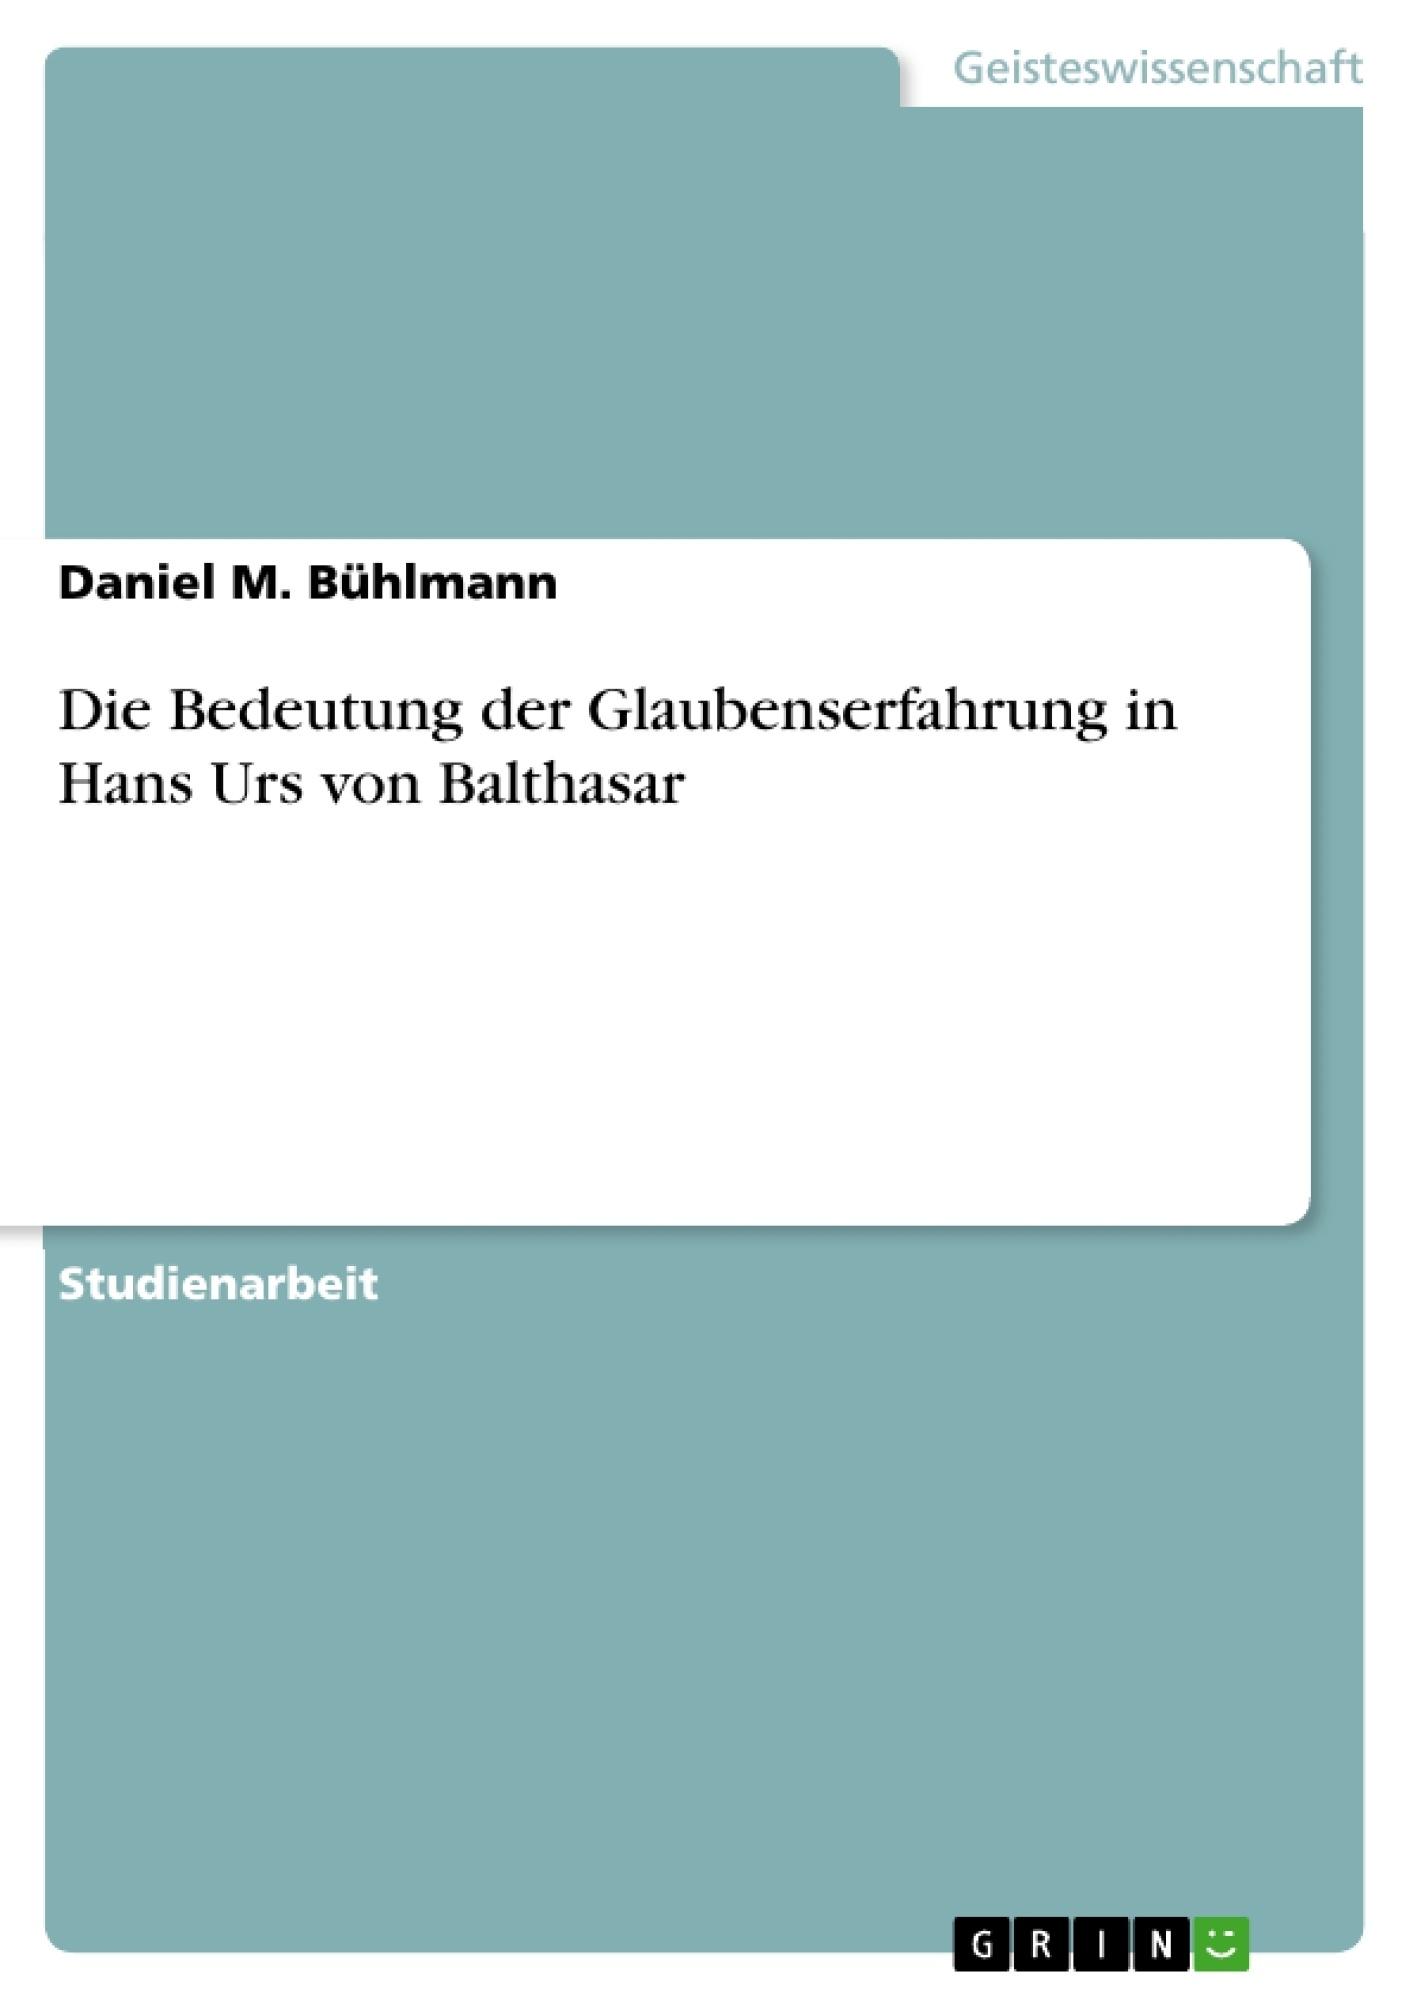 Titel: Die Bedeutung der Glaubenserfahrung in Hans Urs von Balthasar